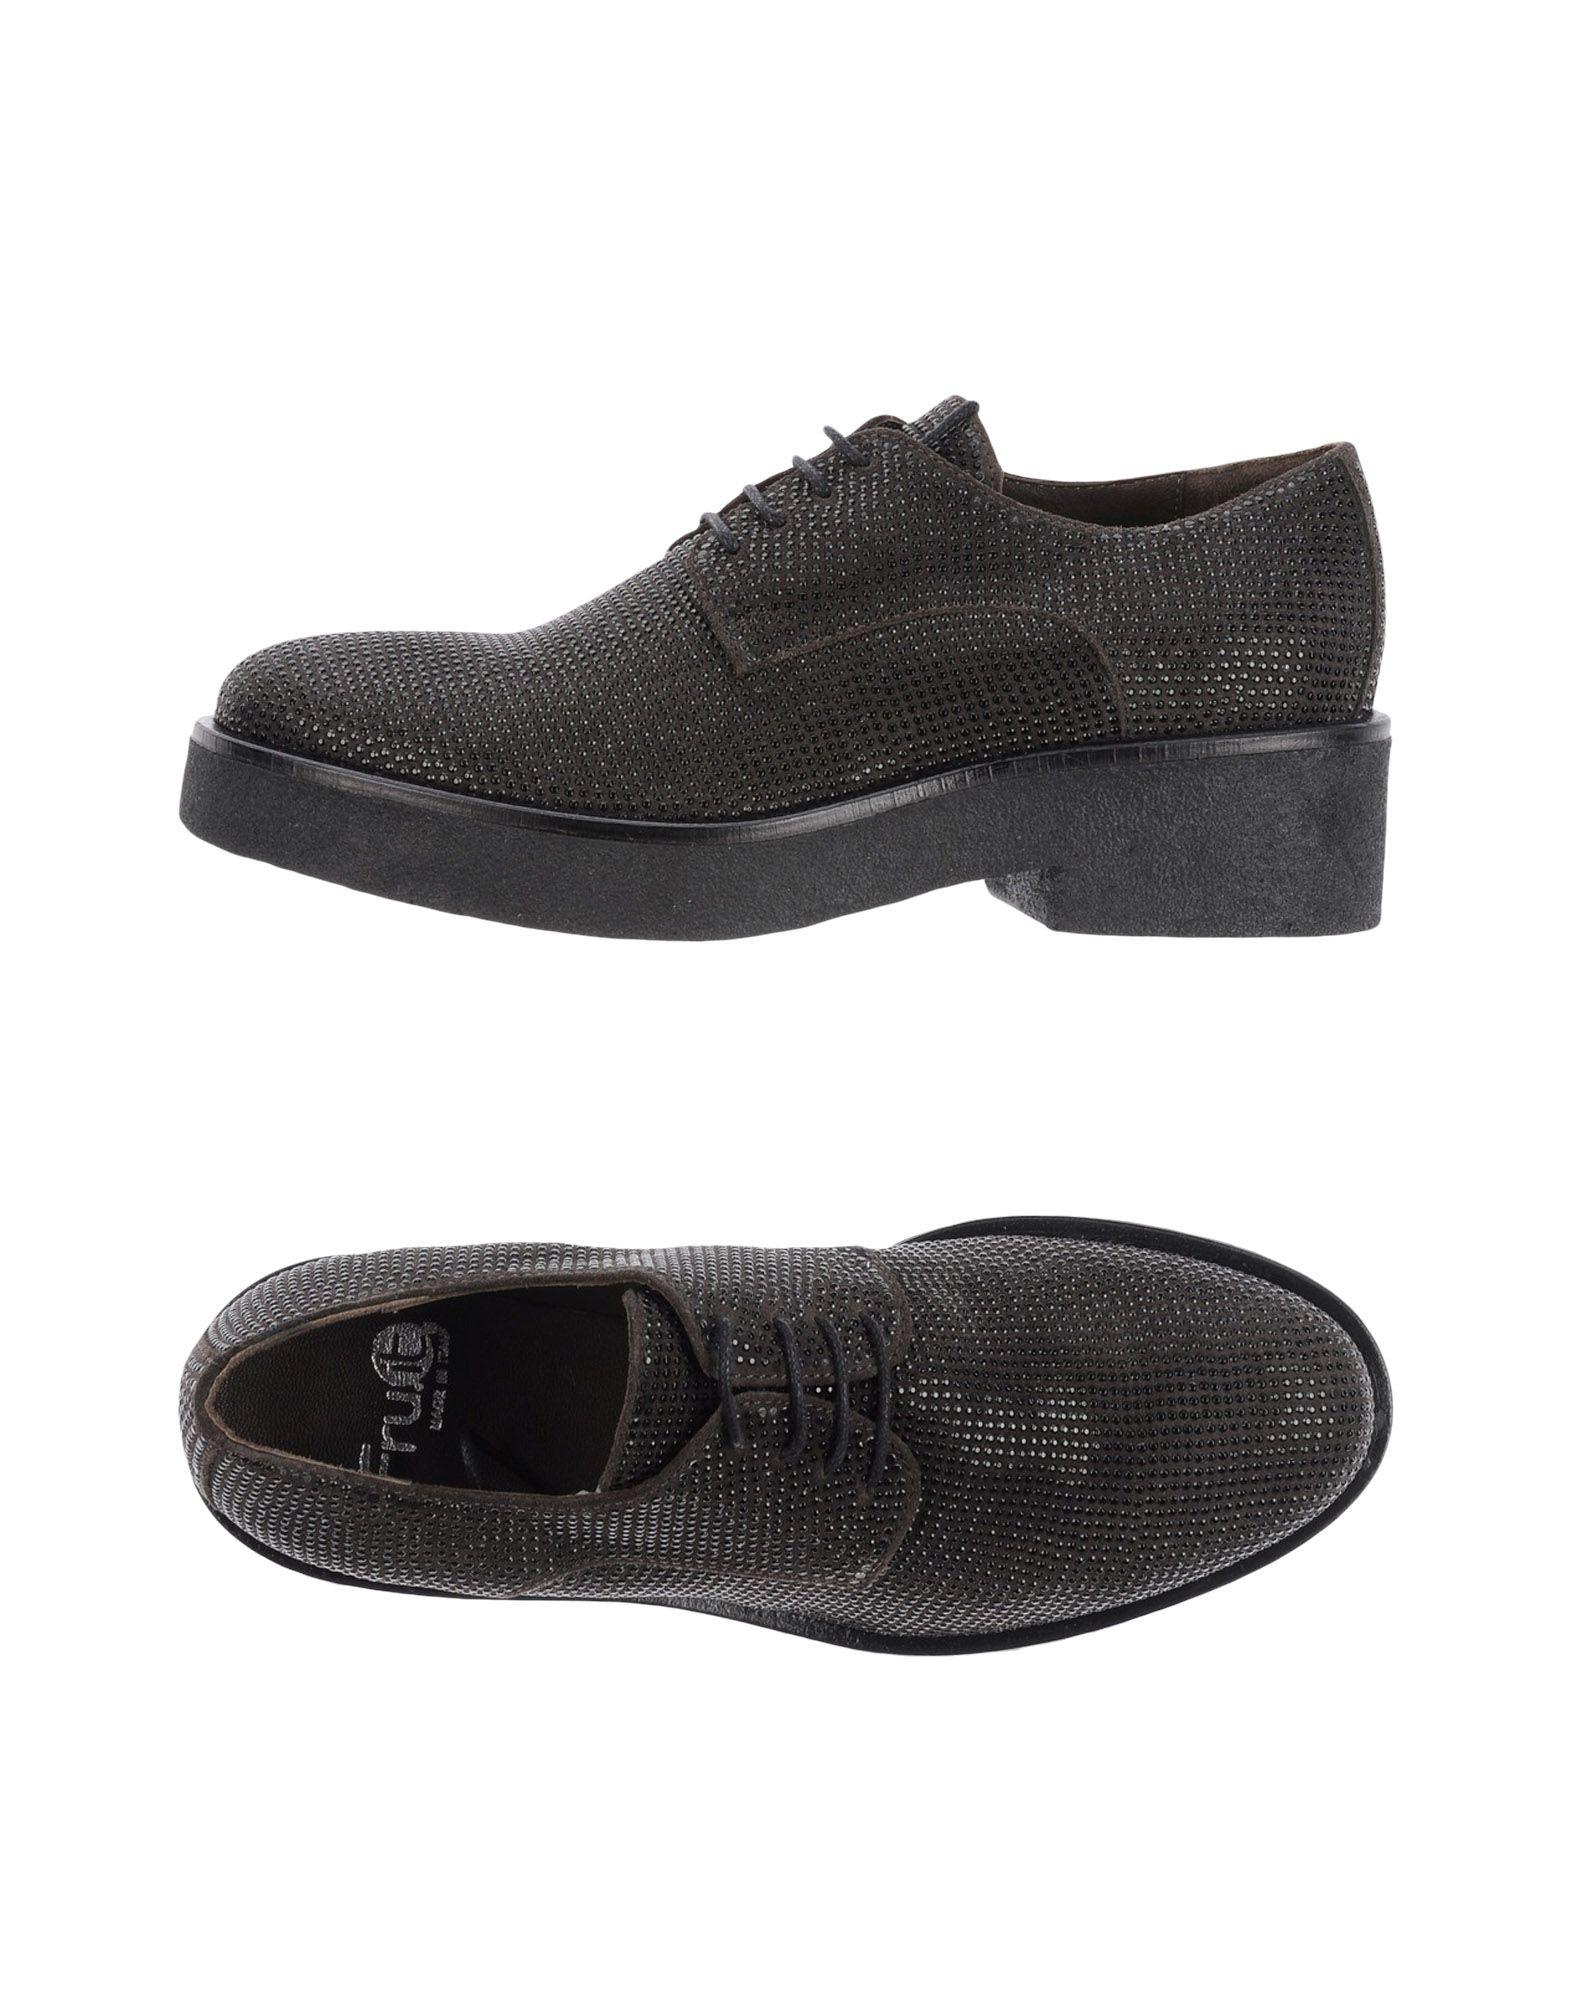 Chaussures À Lacets Fru.It Femme - Chaussures À Lacets Fru.It sur